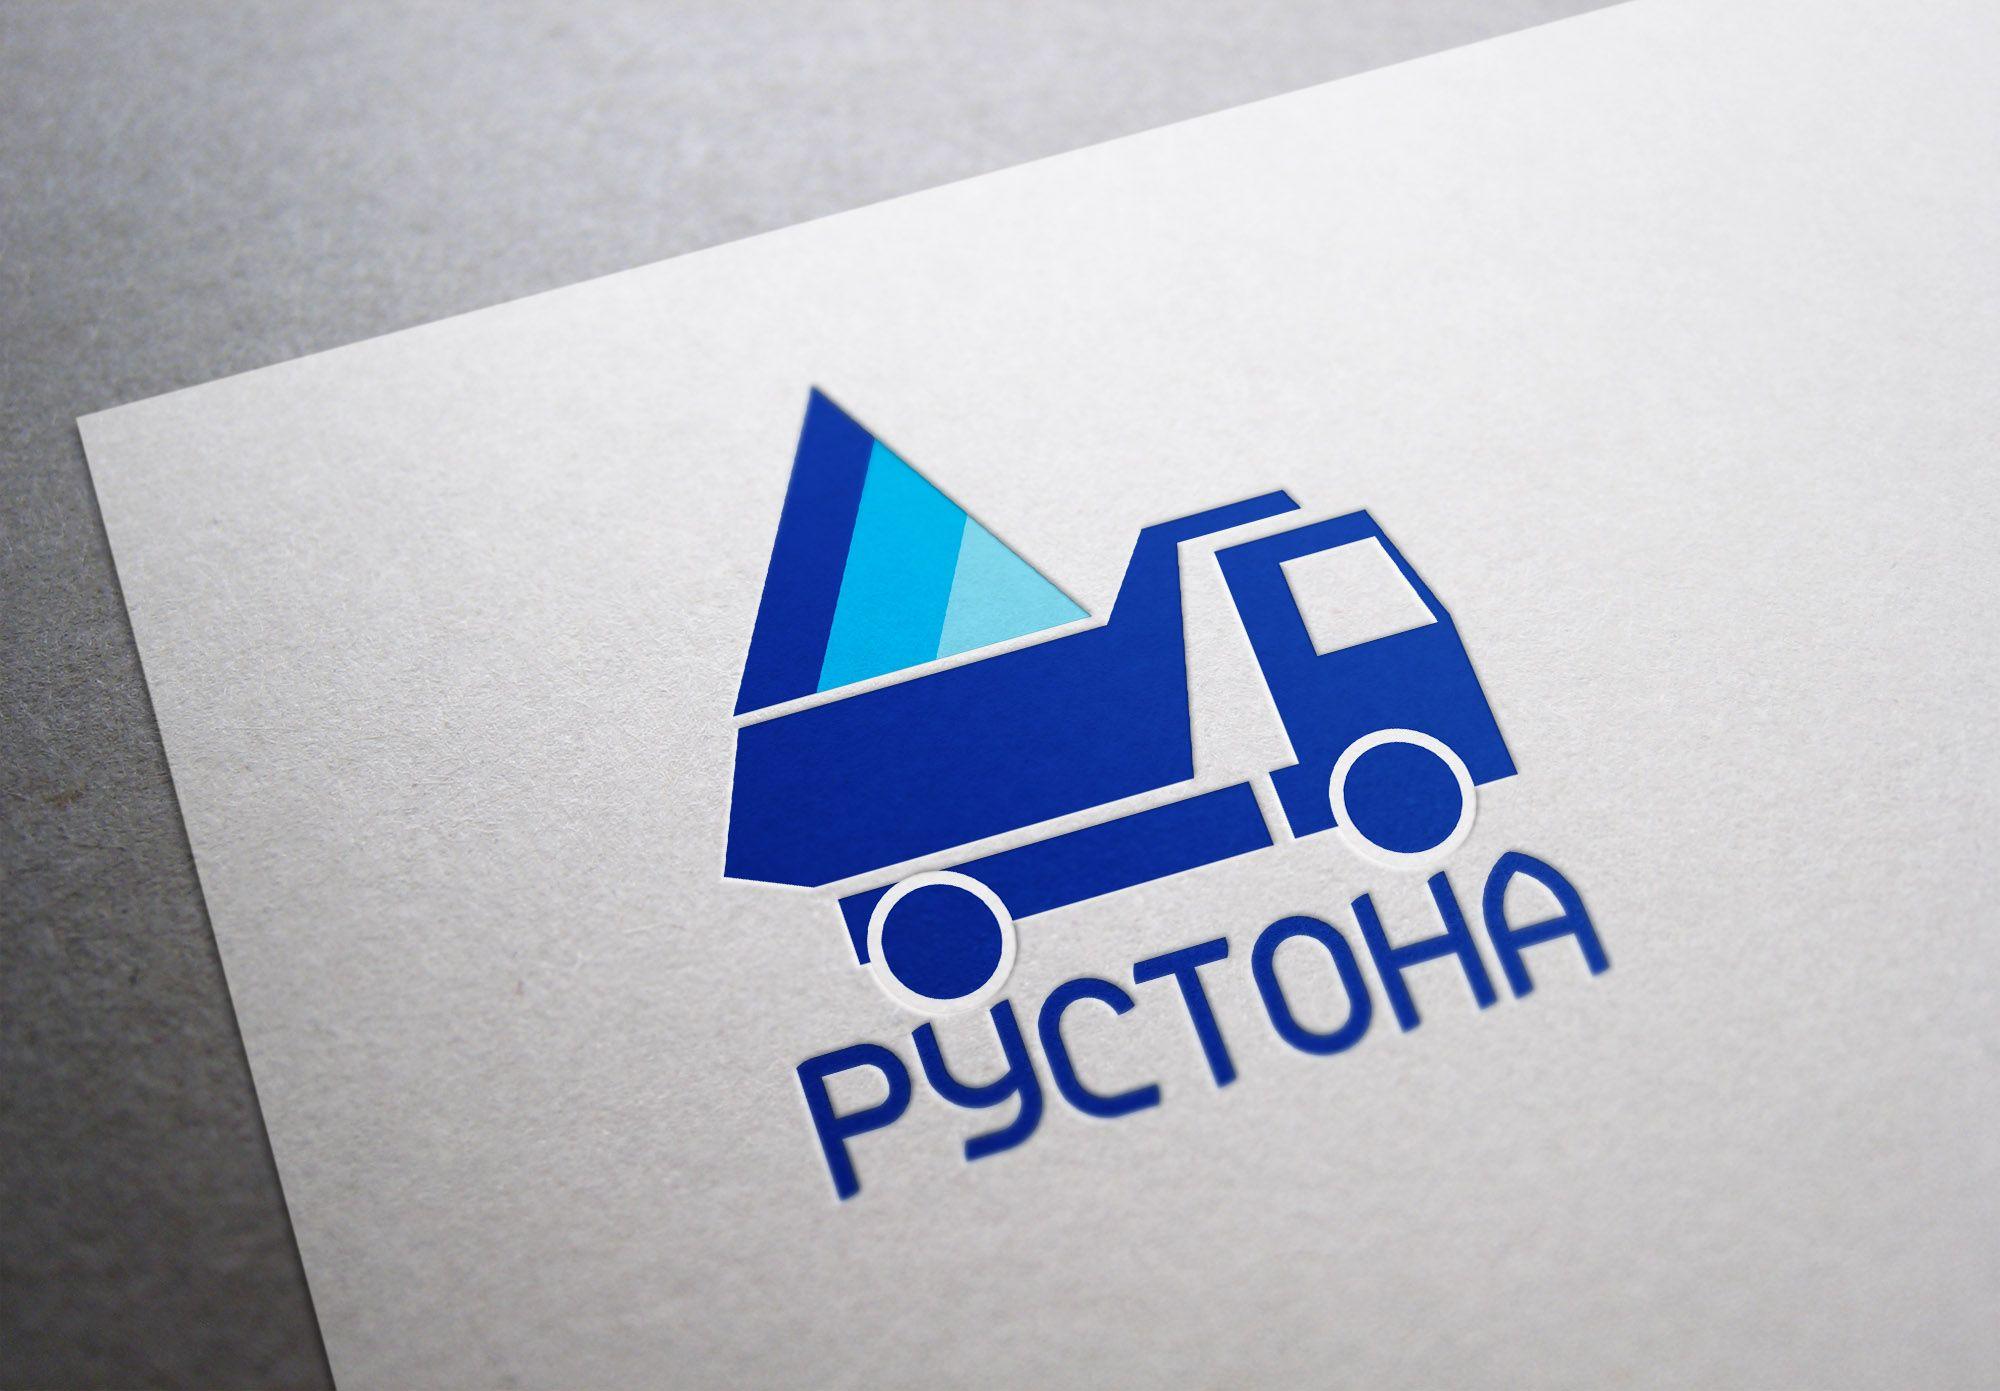 Логотип для компании Рустона (www.rustona.com) - дизайнер Vladlena_A